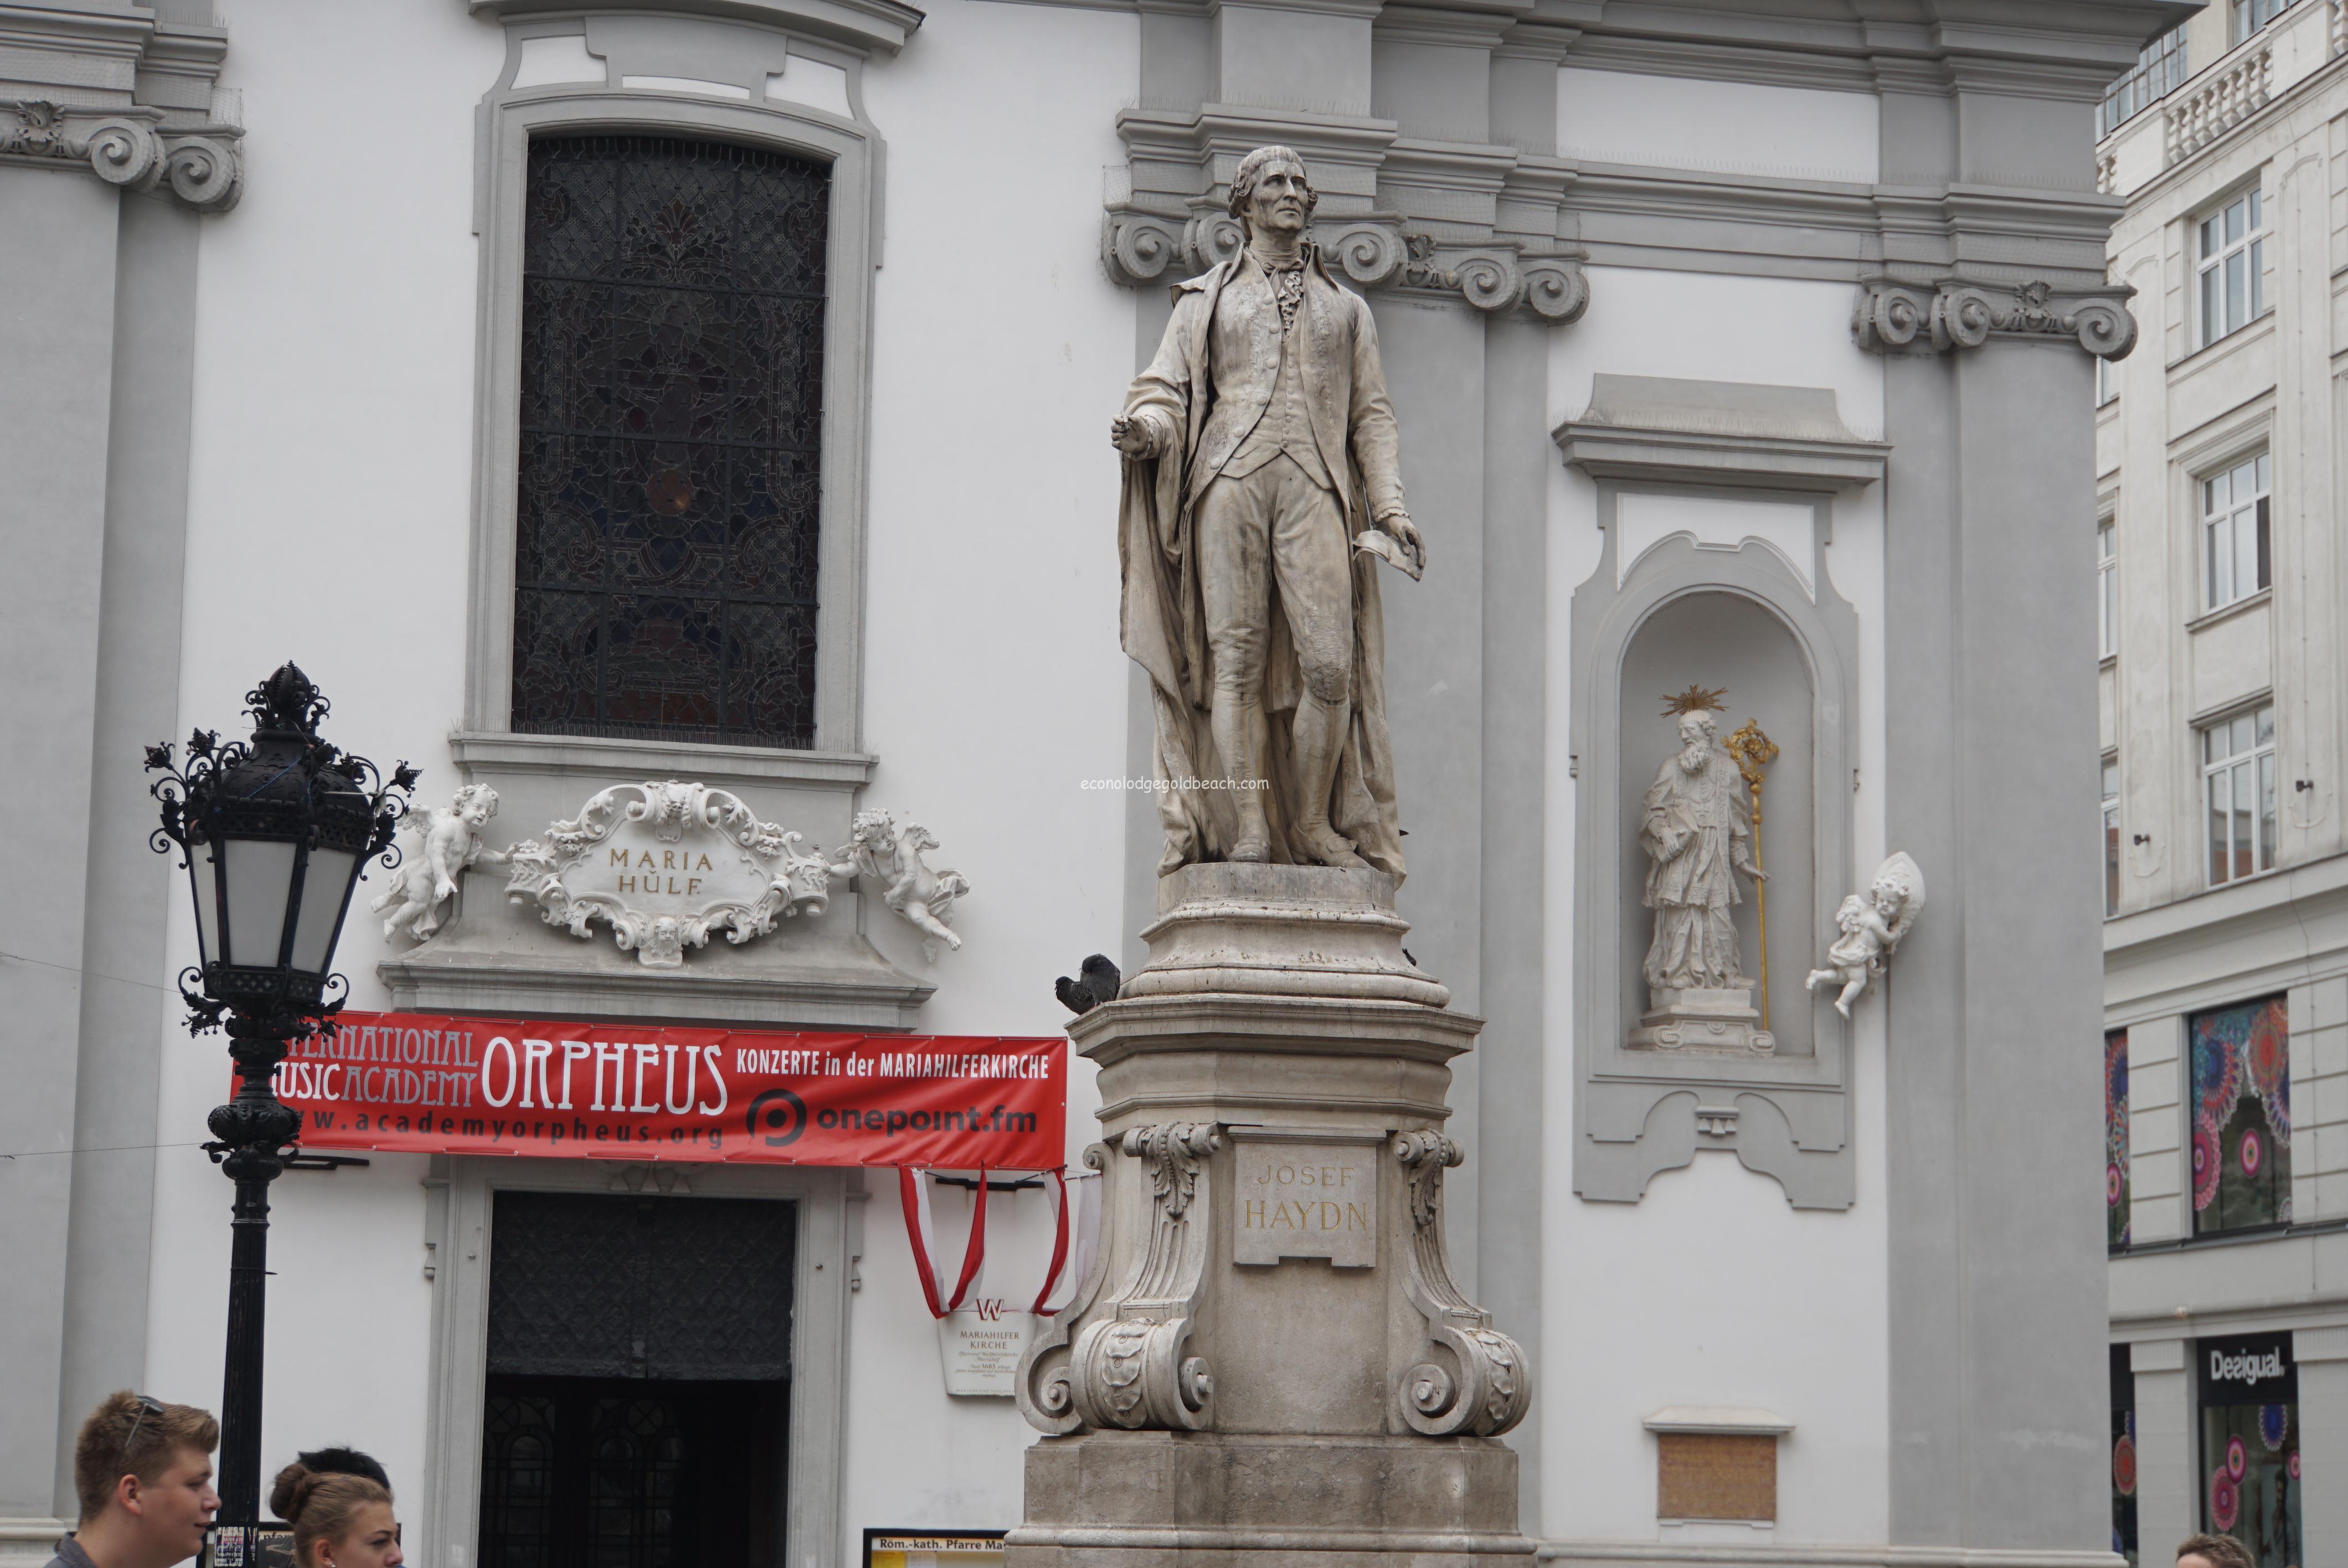 マリアヒルファー教会前のジョセフ・ハイドン像